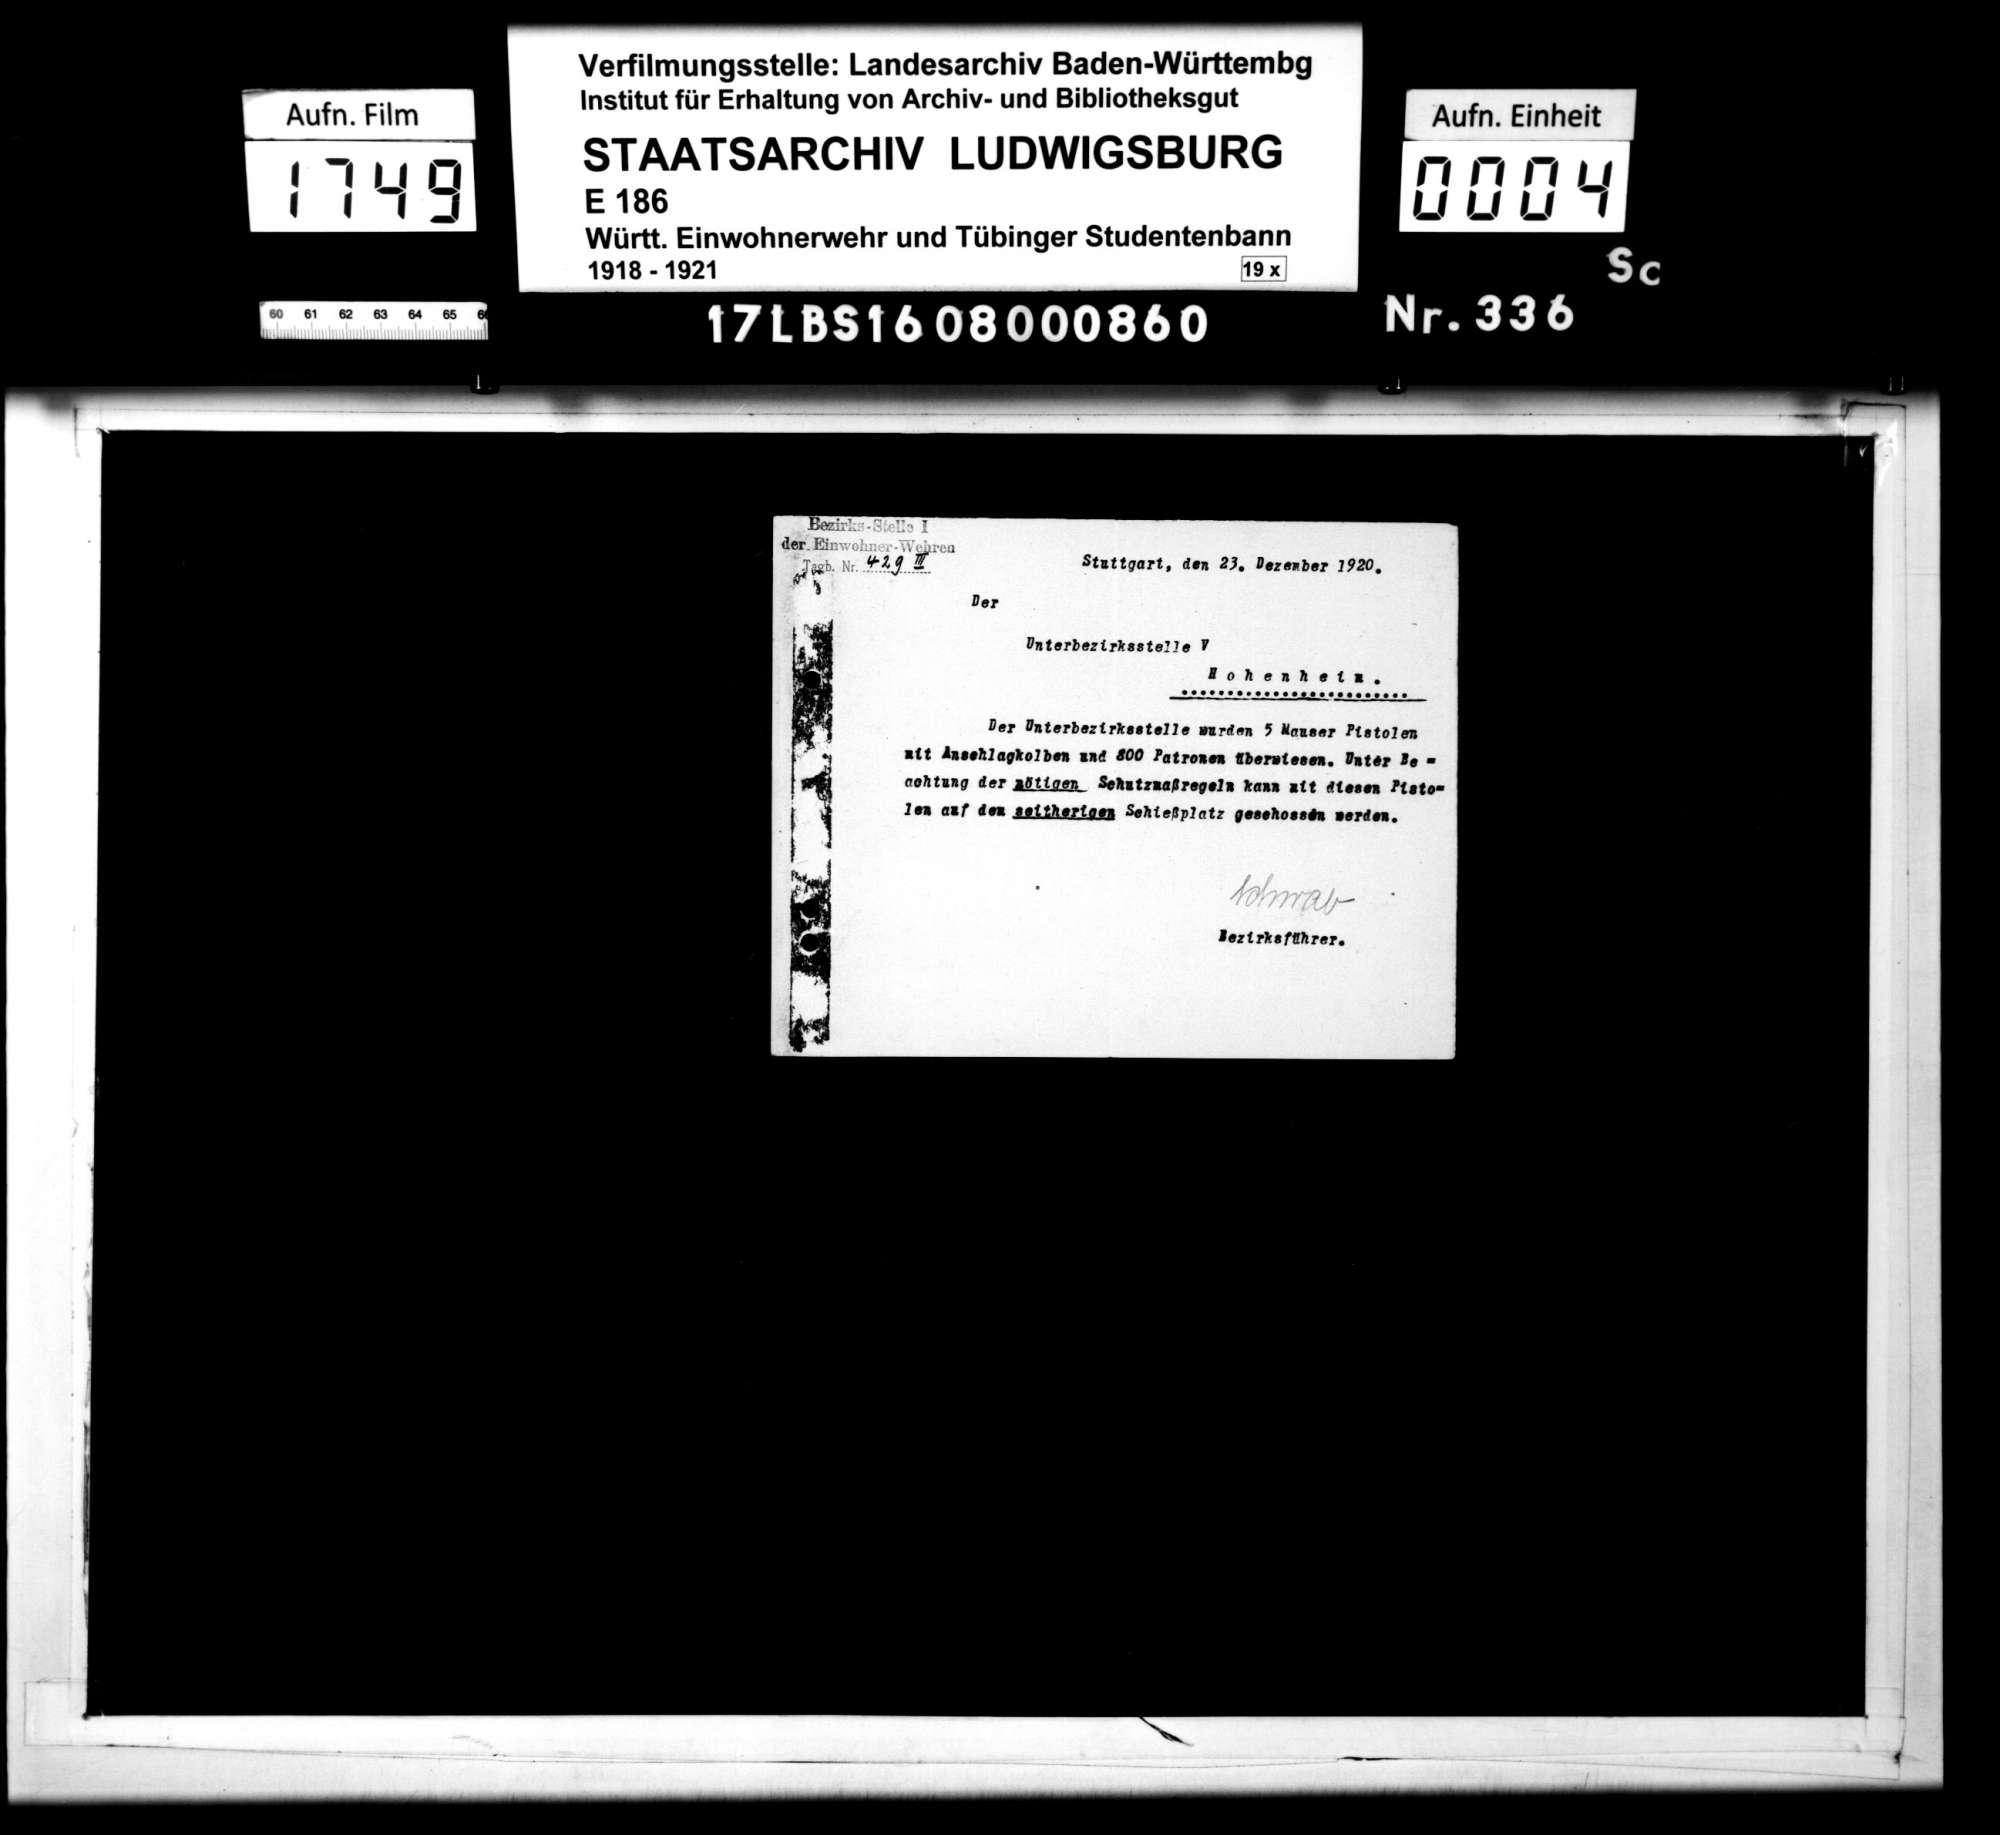 Verfügungen und Befehle der Bezirksstelle 1, Bild 2